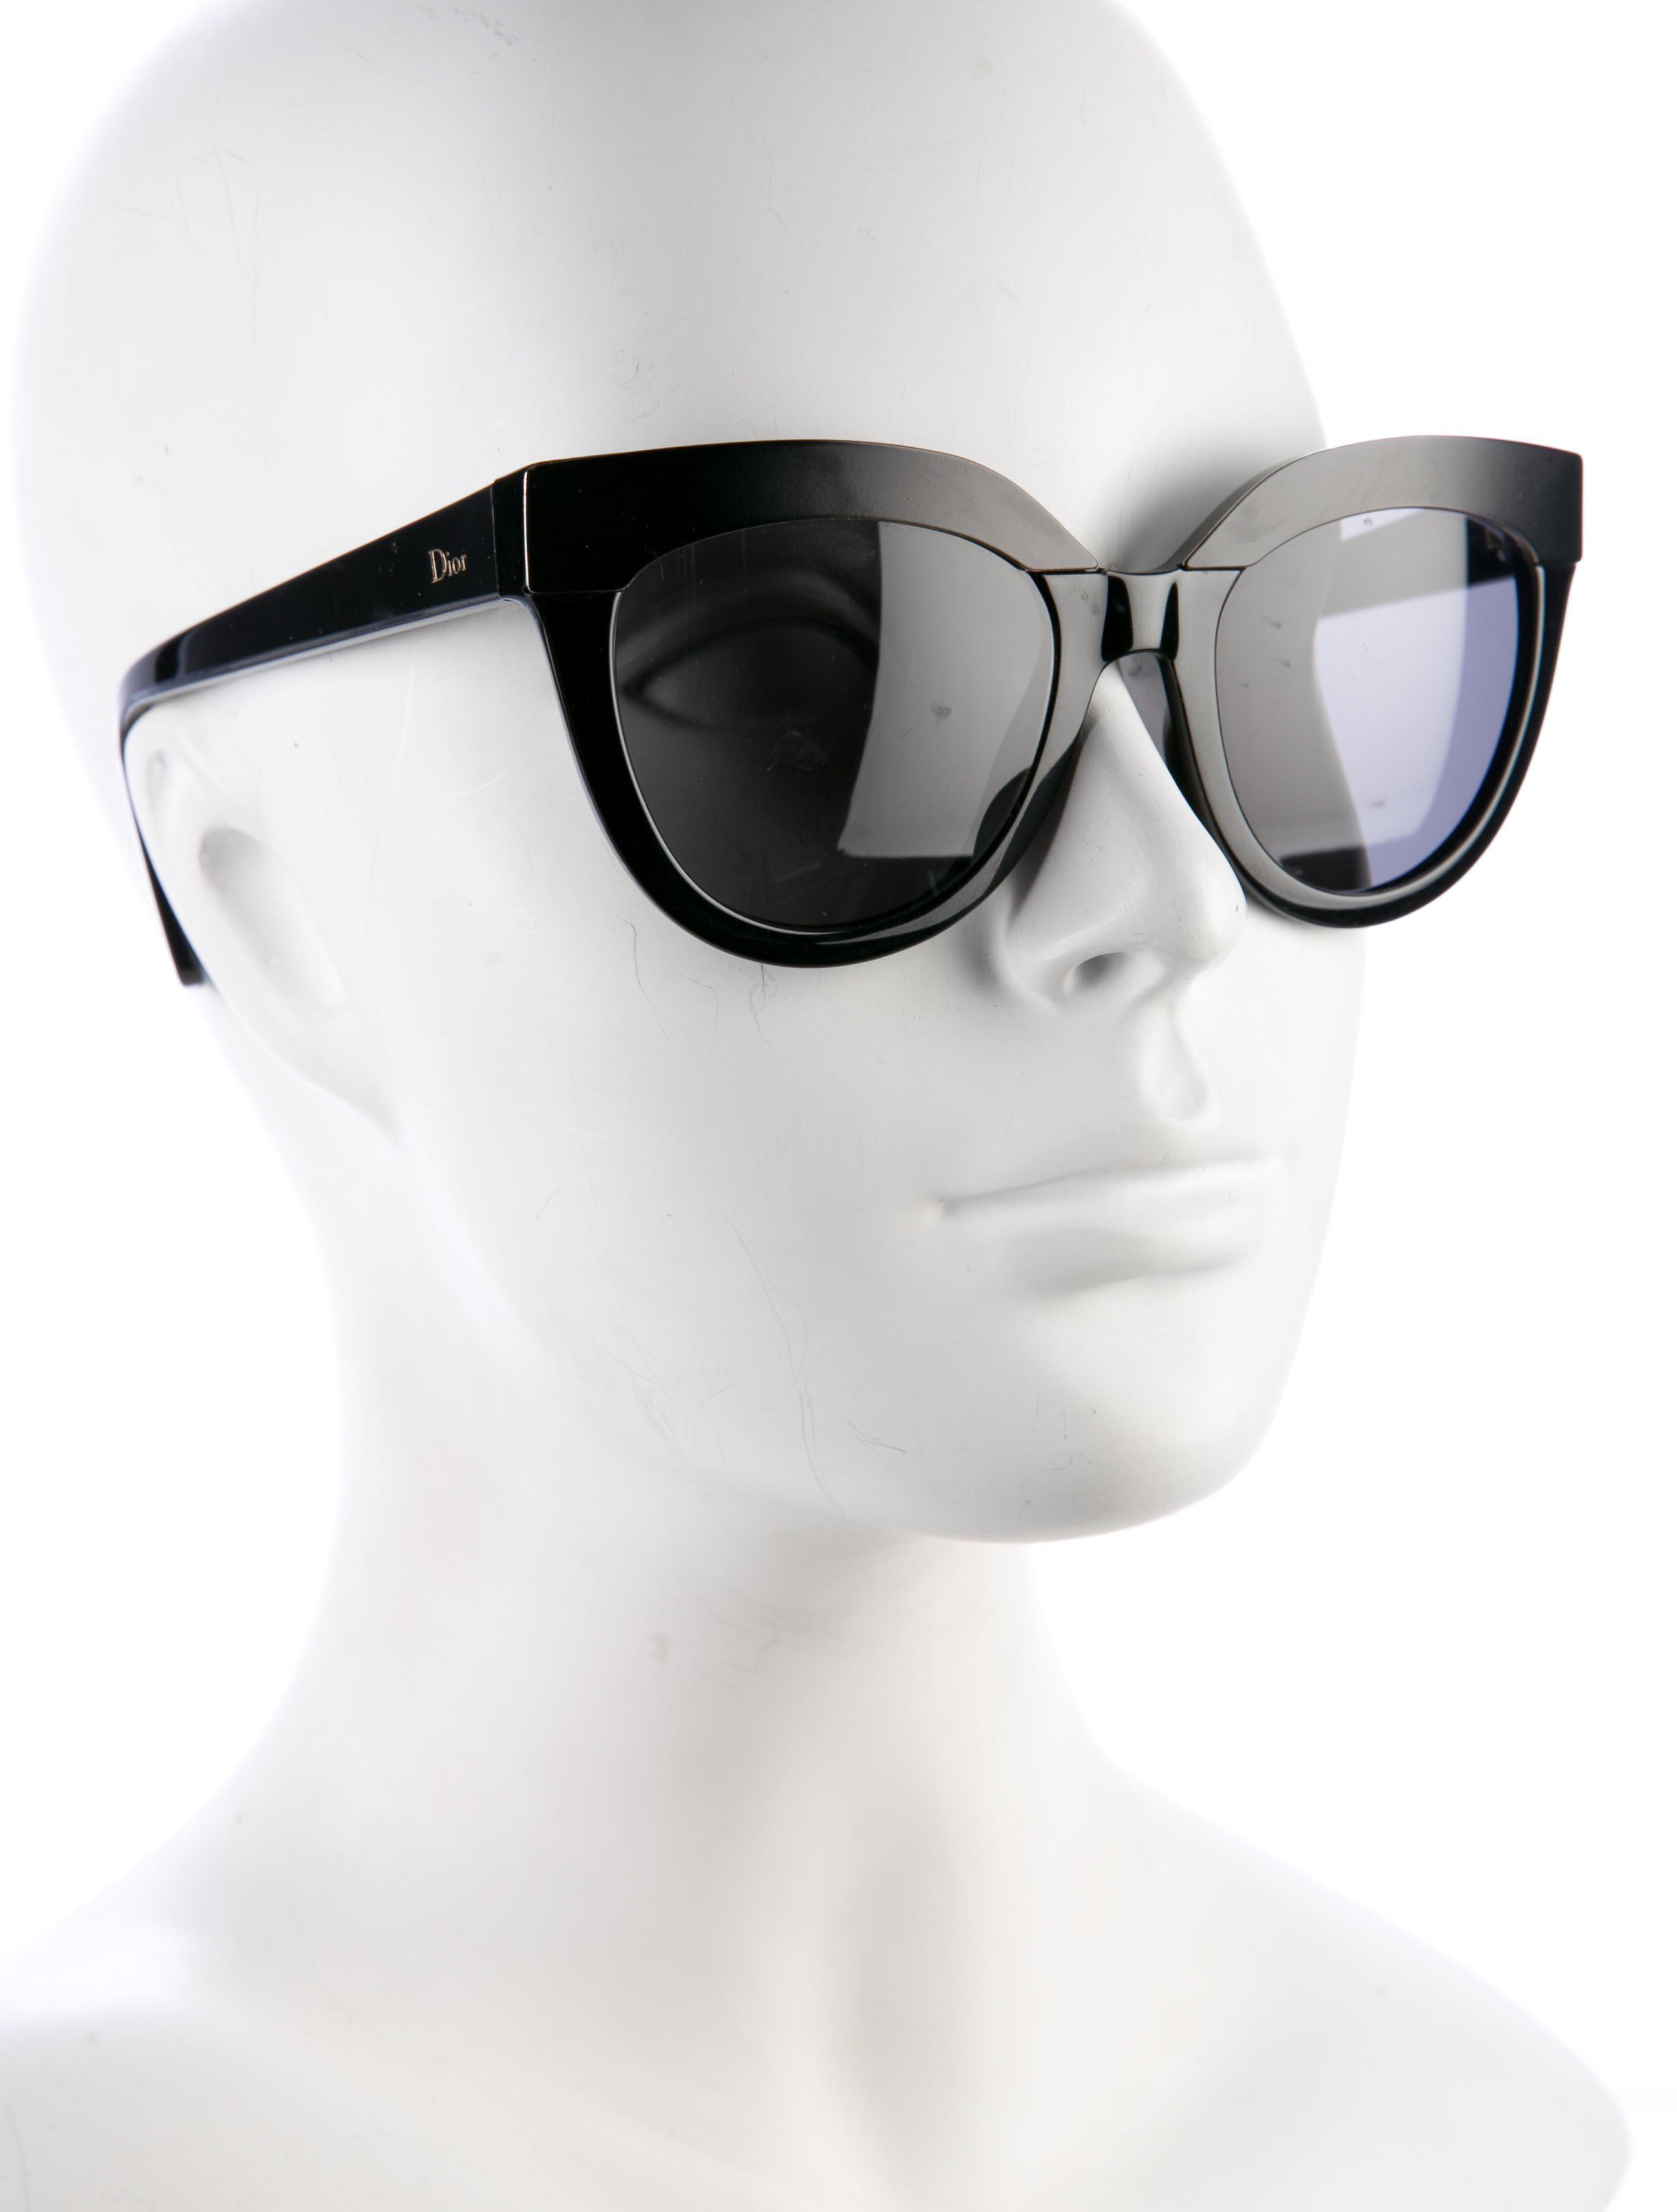 165561ceeacf Lyst dior diorsoft cat eye sunglasses black in metallic jpg 2456x3240 Cat  dior